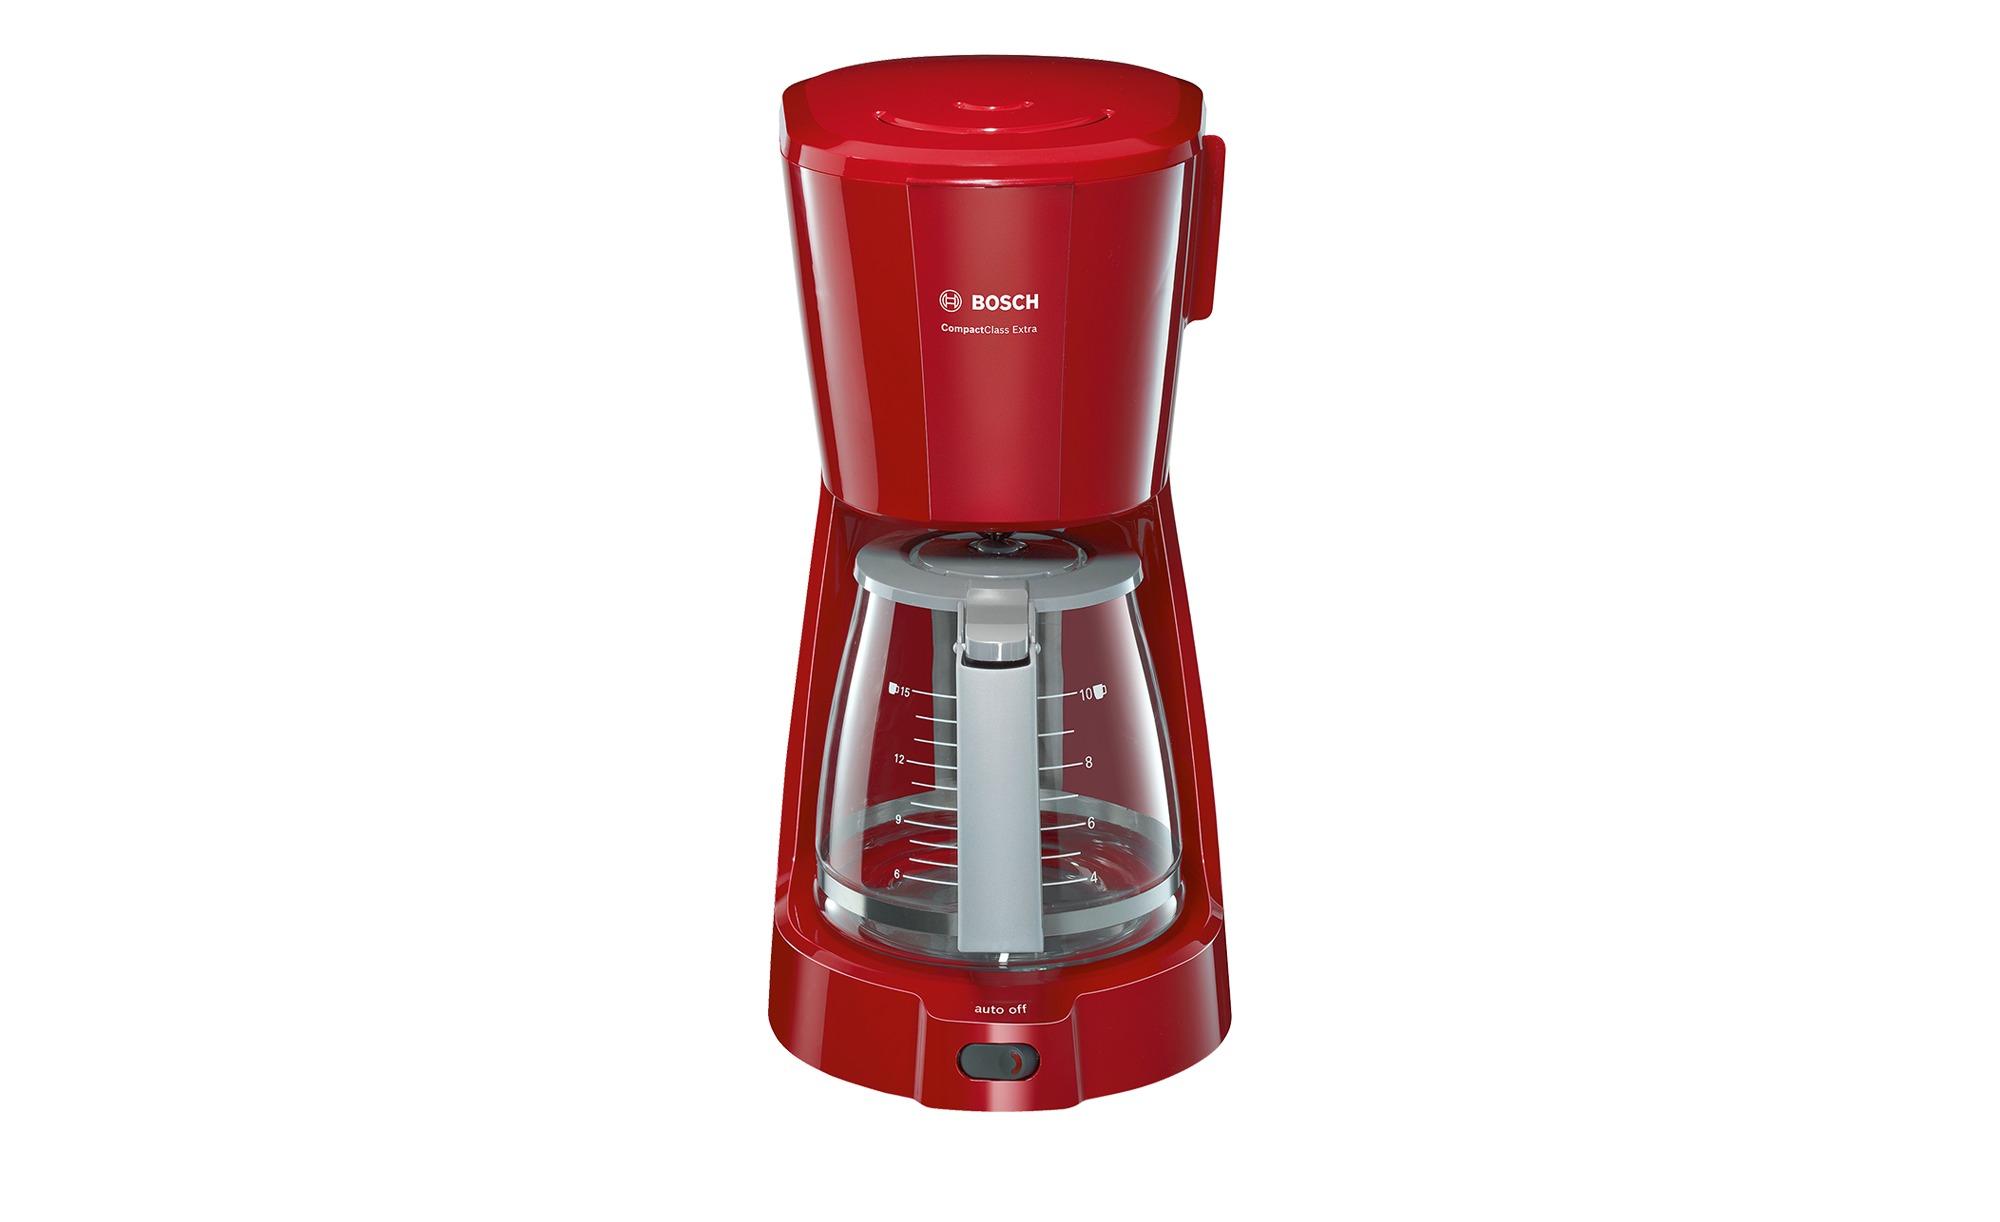 BOSCH Kaffeeautomat  TKA 3A034 - rot - Kunststoff, Glas - 17 cm - 33,5 cm - 24,5 cm - Elektrokleingeräte > Kaffee & Espressomaschinen - Möbel Kraft | Küche und Esszimmer > Kaffee und Tee > Kaffeemaschinen | BOSCH